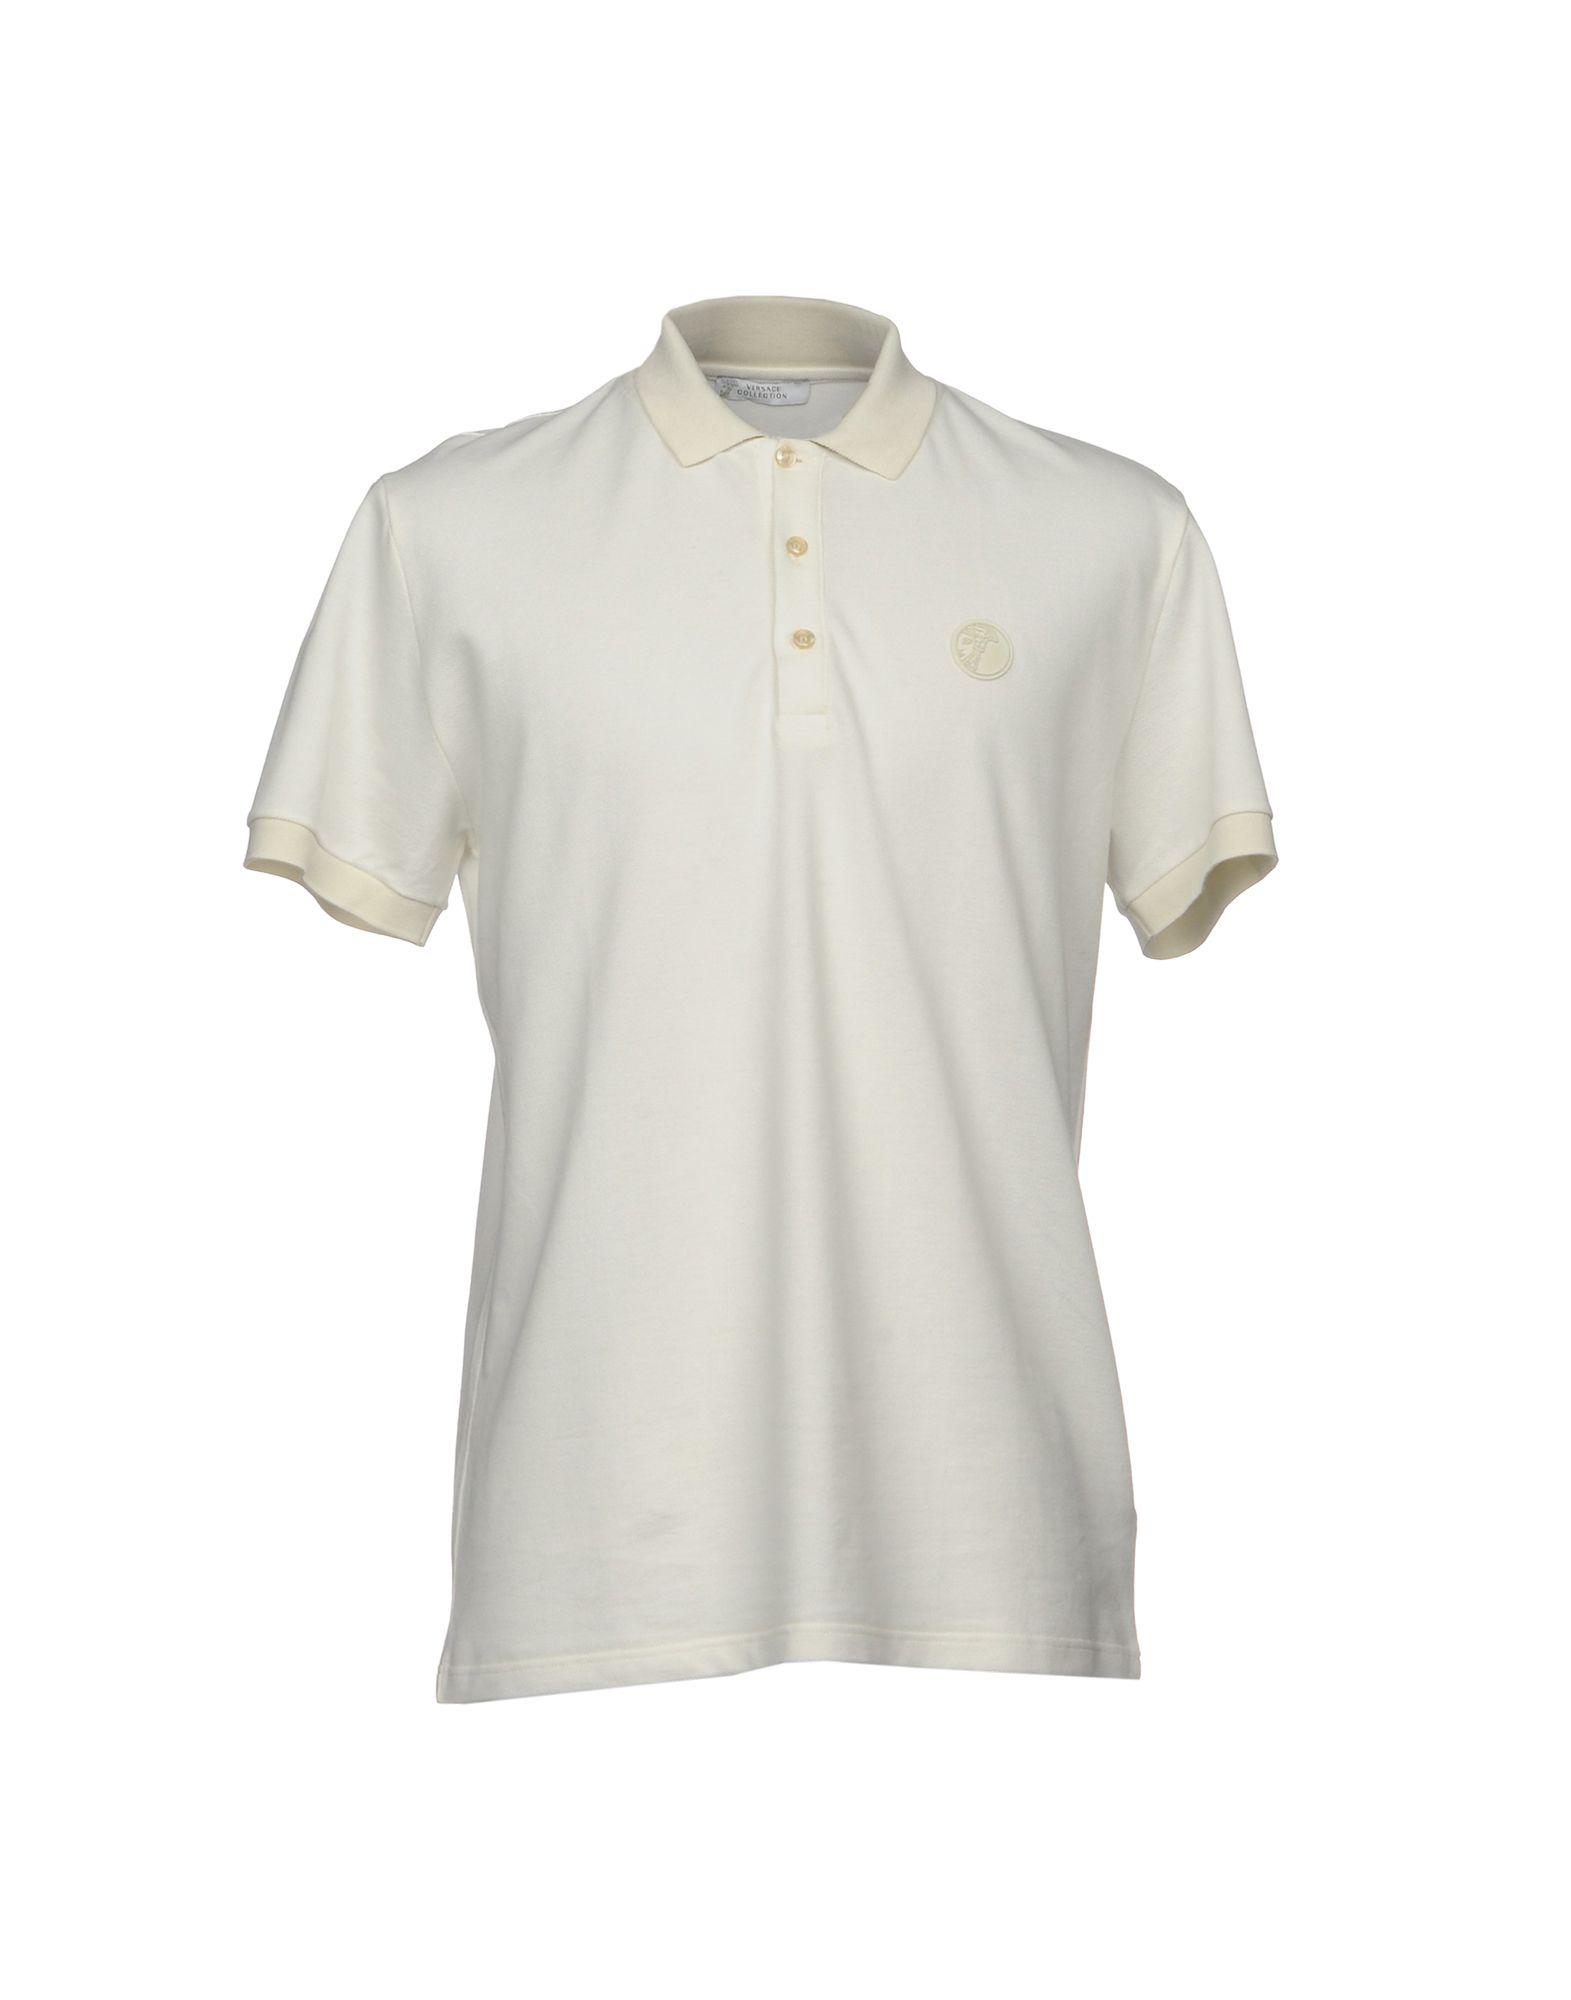 VERSACE COLLECTION Herren Poloshirt Farbe Elfenbein Größe 7 jetztbilligerkaufen